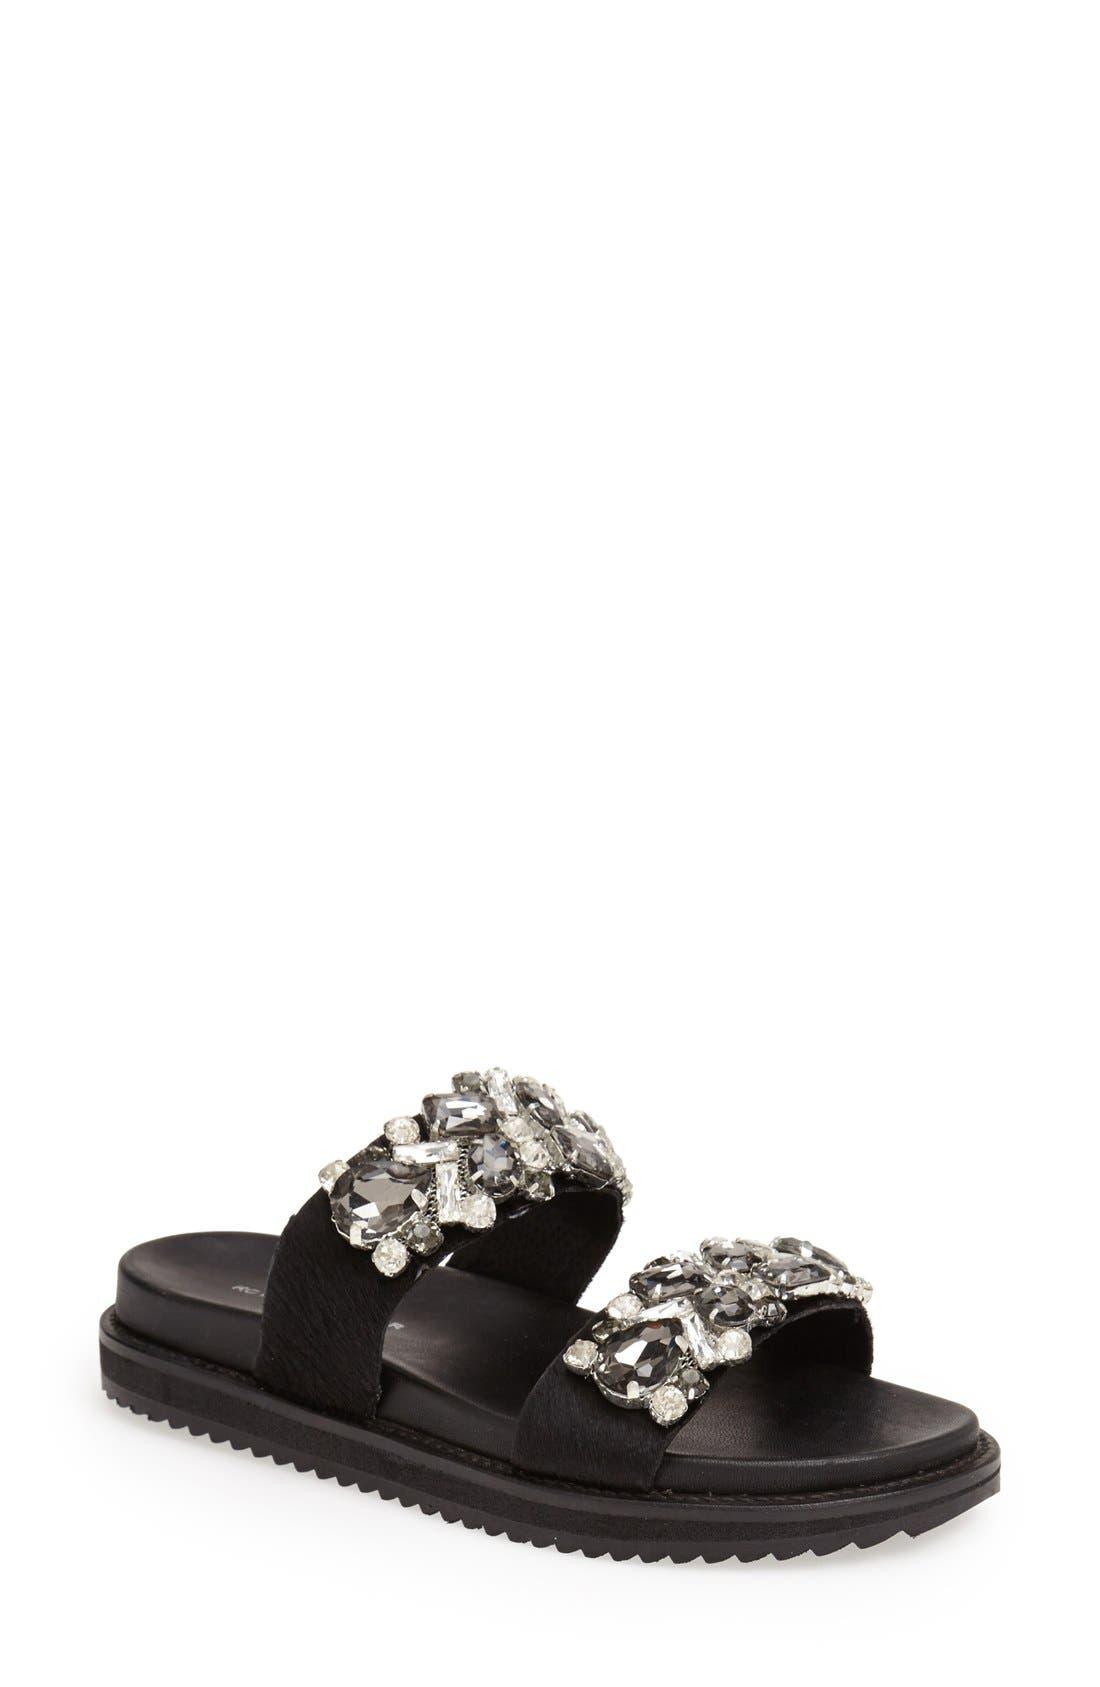 Alternate Image 1 Selected - KG Kurt Geiger 'Monarch' Embellished Calf Hair Slide Sandal (Women)